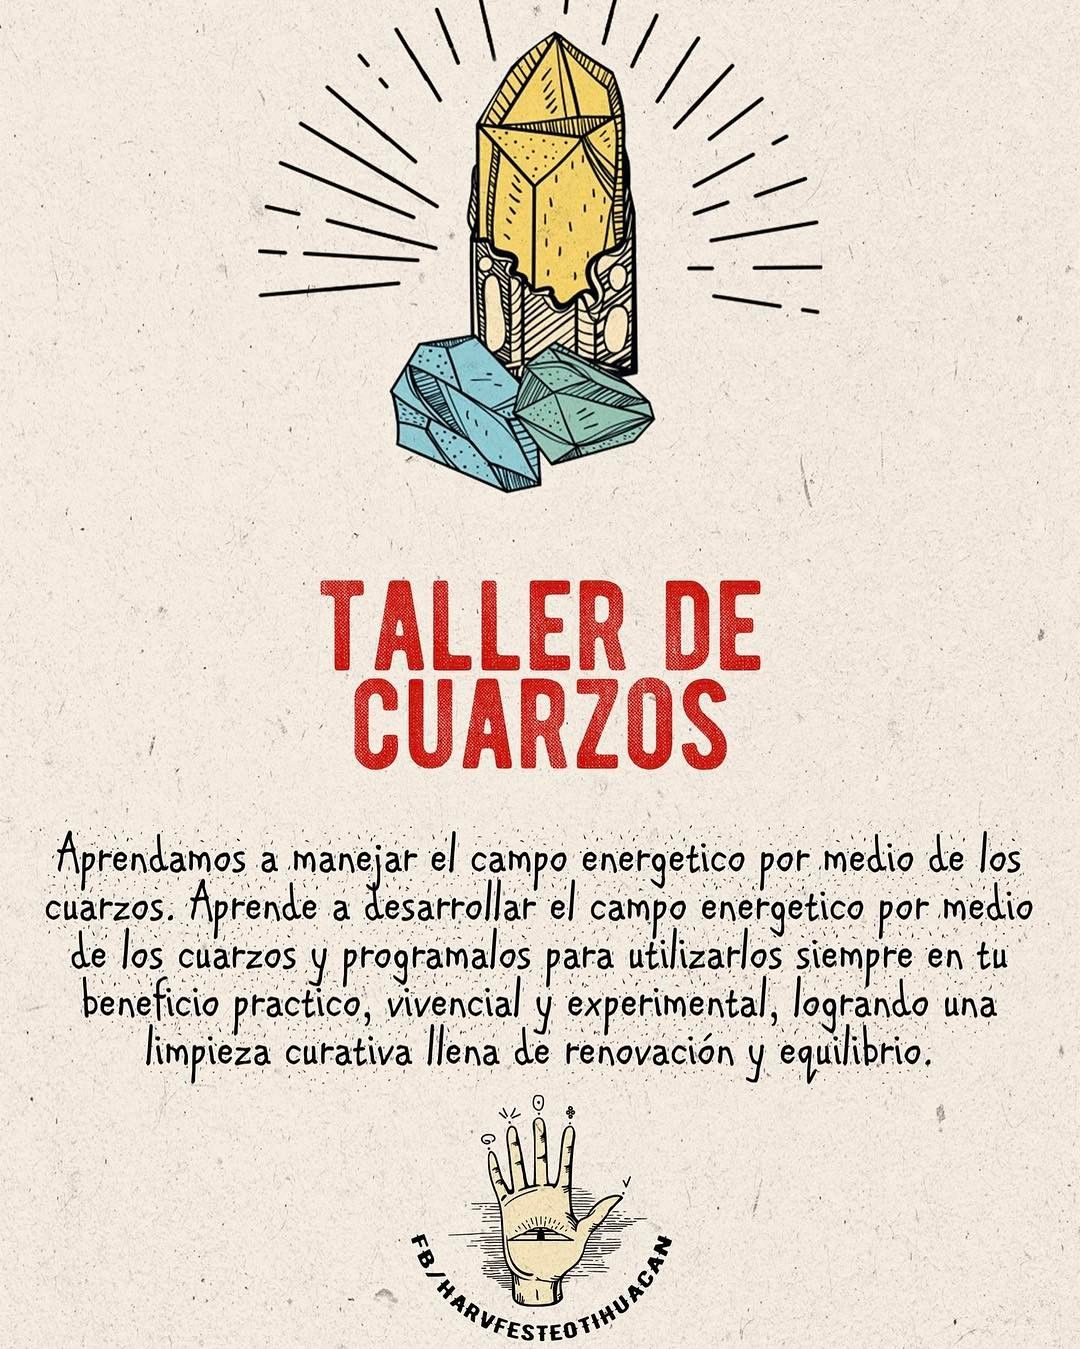 También habrá taller de cuarzos en Harvfest  Consigue tus boletos en Disenia.mx  @harvfestmx #tallerdecuarzos #teotihuacan #sanmartindelaspiramides #teotihuacan